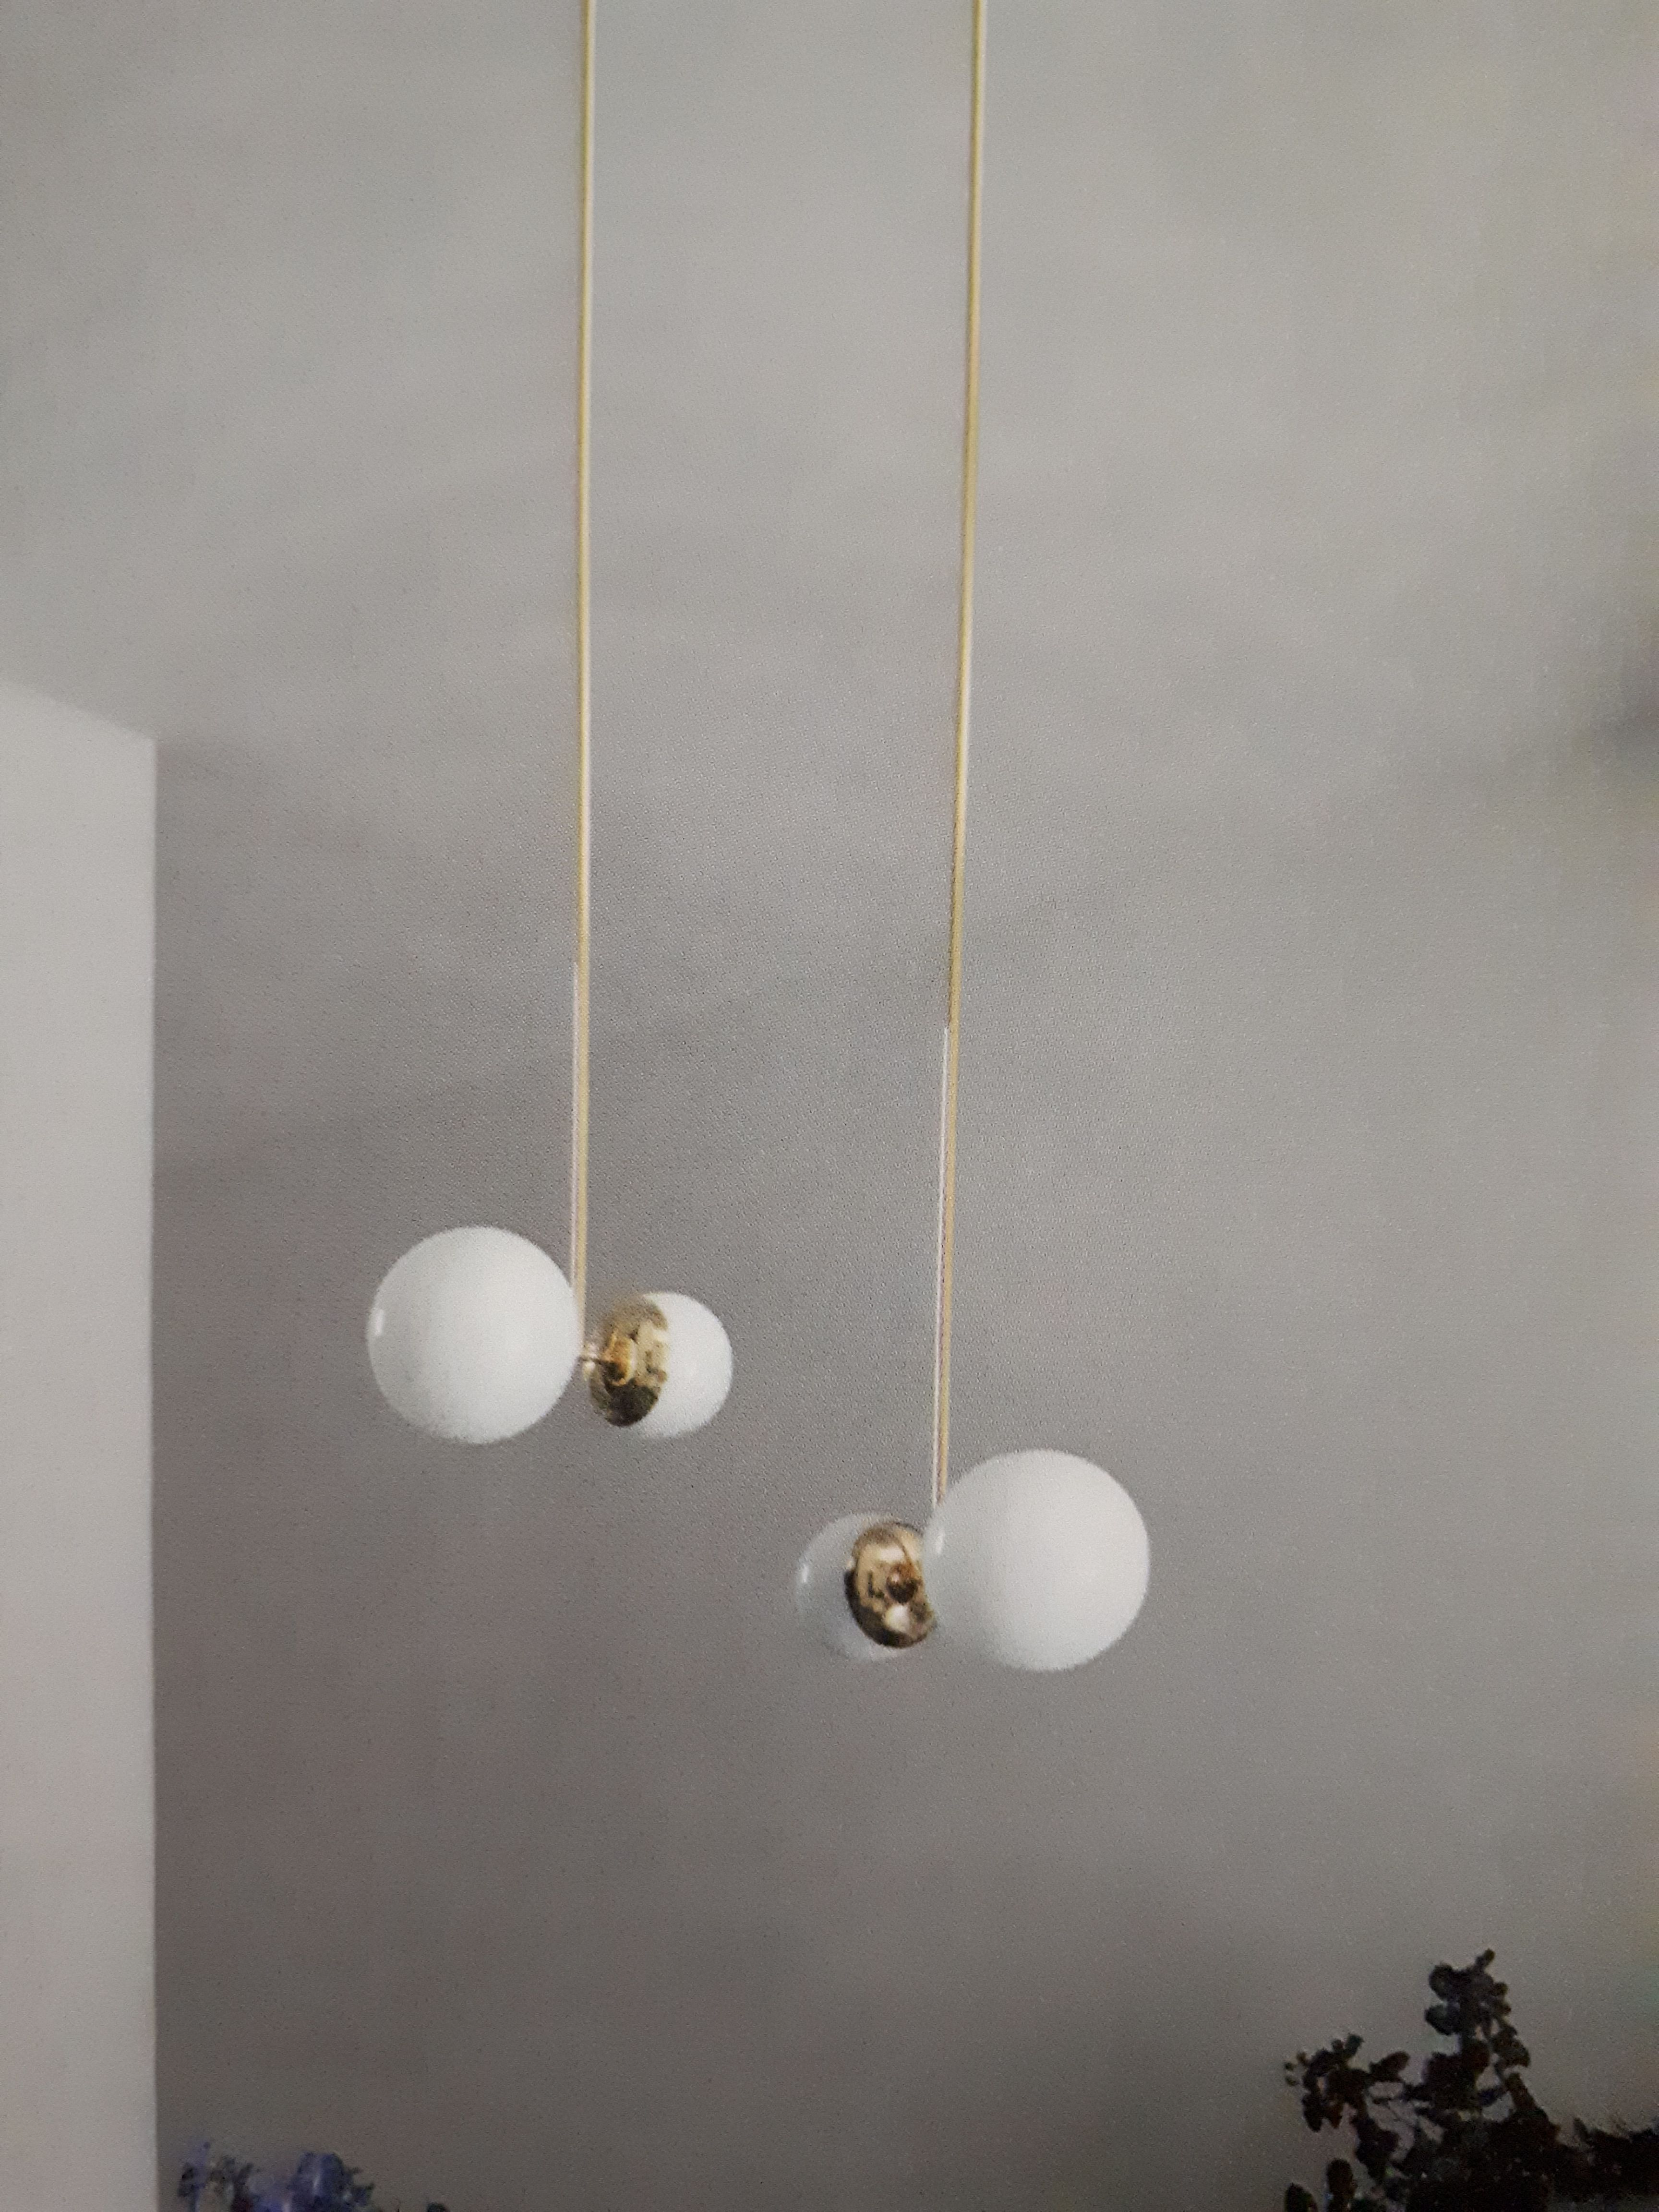 De Lampe BoboisLuminaires Suspension Biba Roche Lumière Nwm8n0